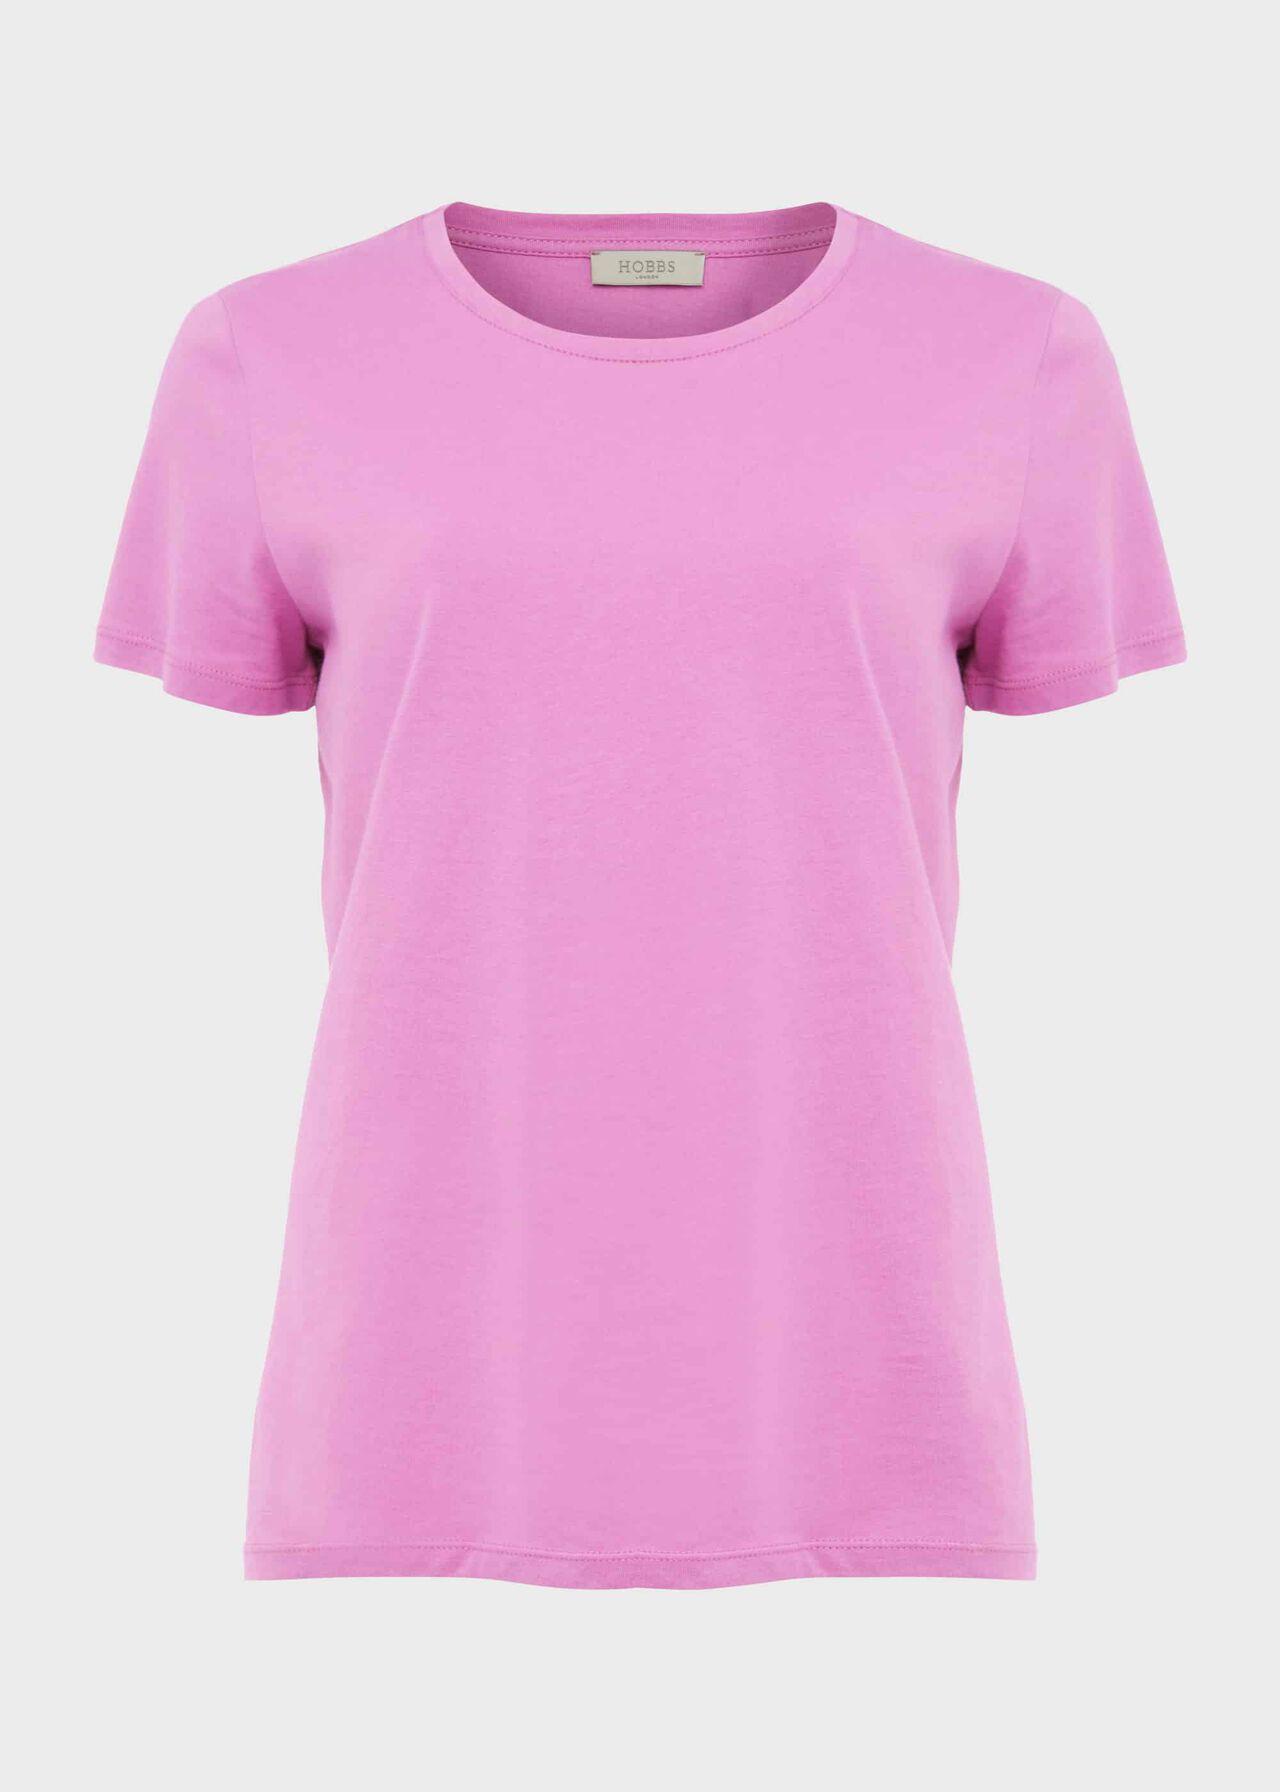 Pixie Cotton T Shirt, Super Pink, hi-res